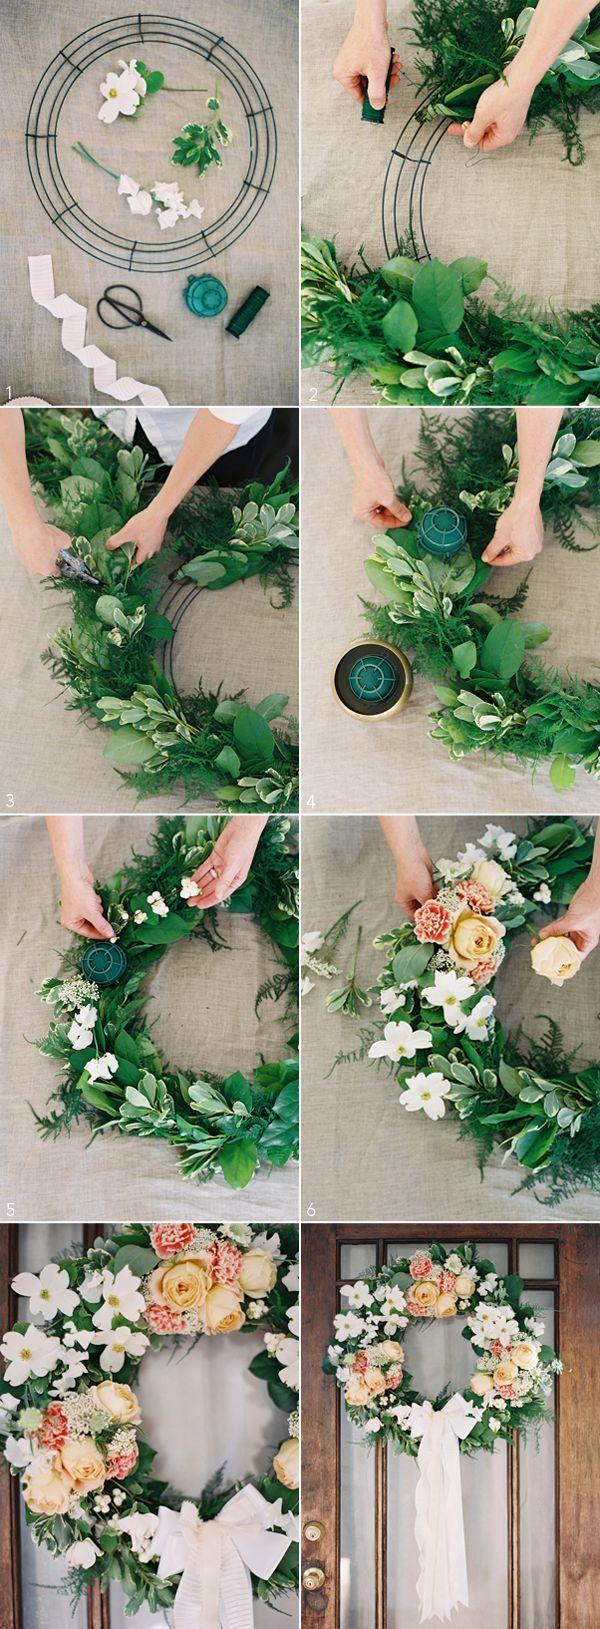 Diy Door Wraths 33 - 40+ Best DIY Fall Wreath Ideas For Your Front Door